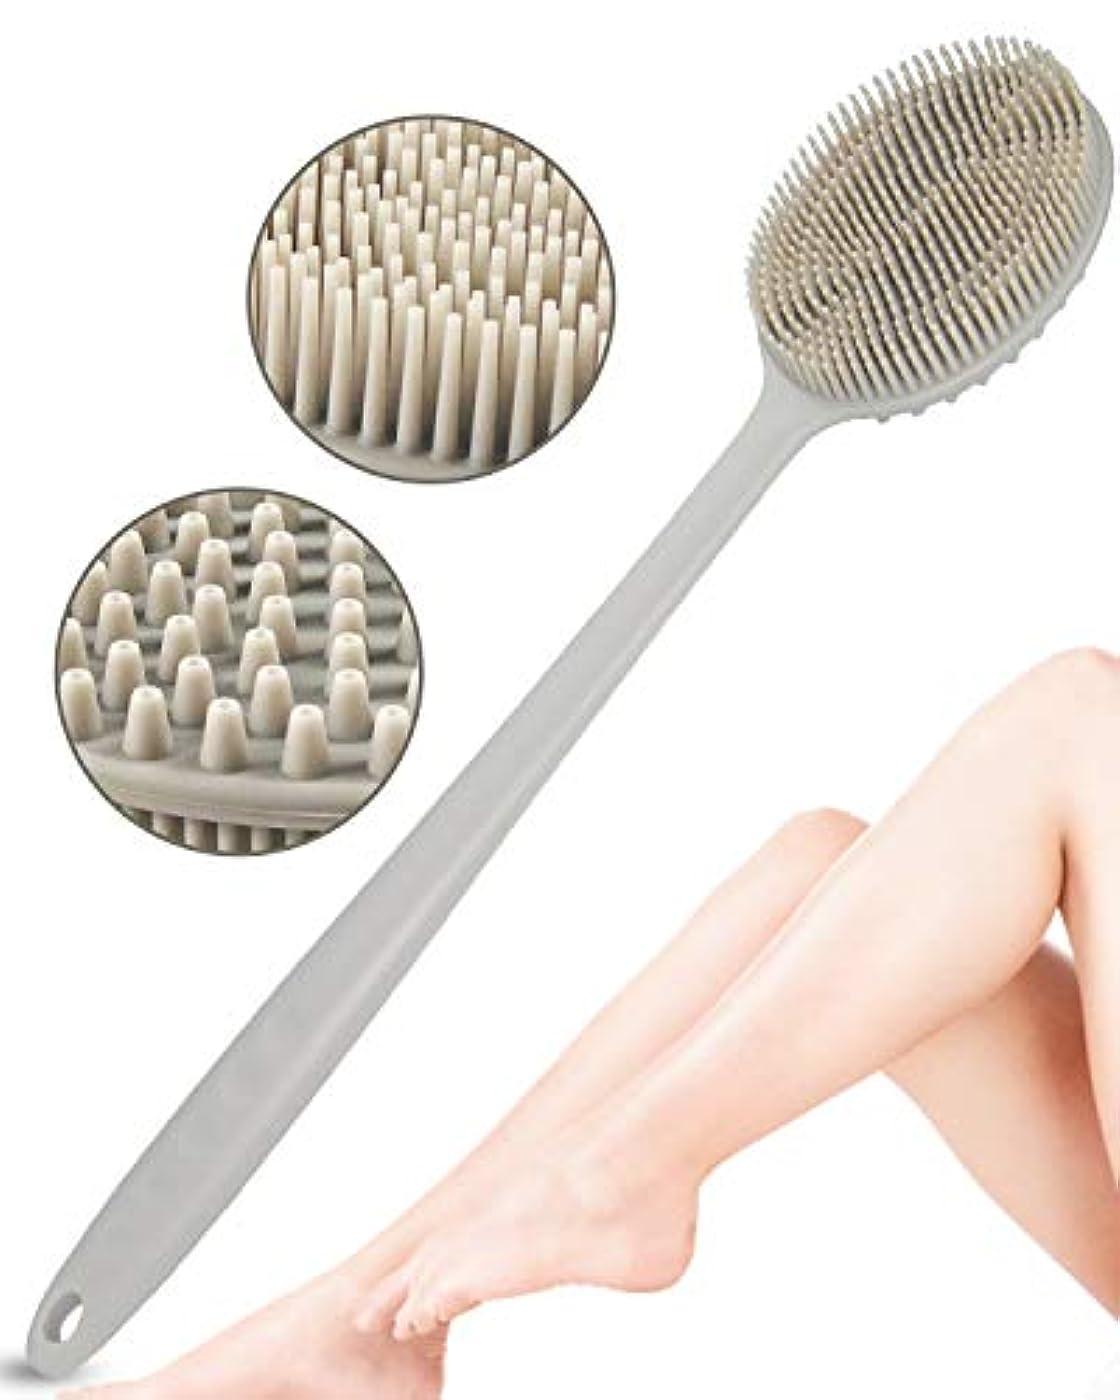 SUYADA ボディブラシ 背中 ブラシ 背中ブラシ 背中洗い シャワーブラシ お風呂ブラシ シリコン製 お風呂 角質除去